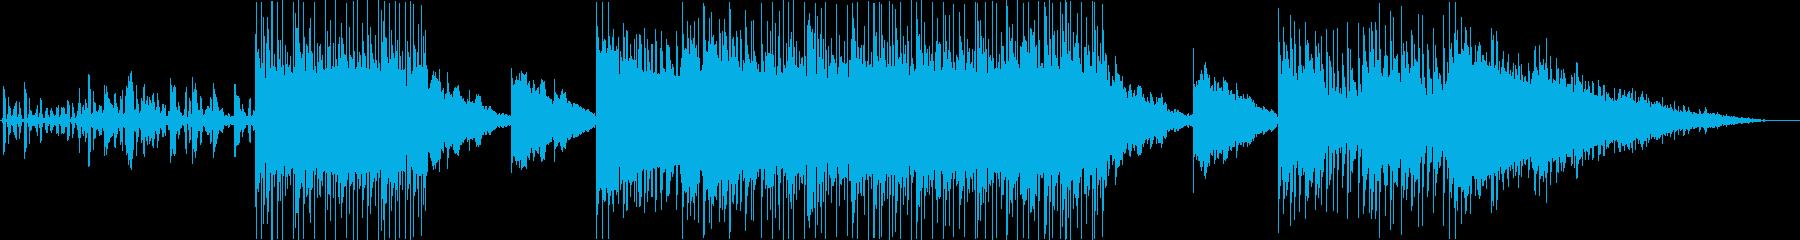 クールな空気感のハイテンポエレクトロニカの再生済みの波形